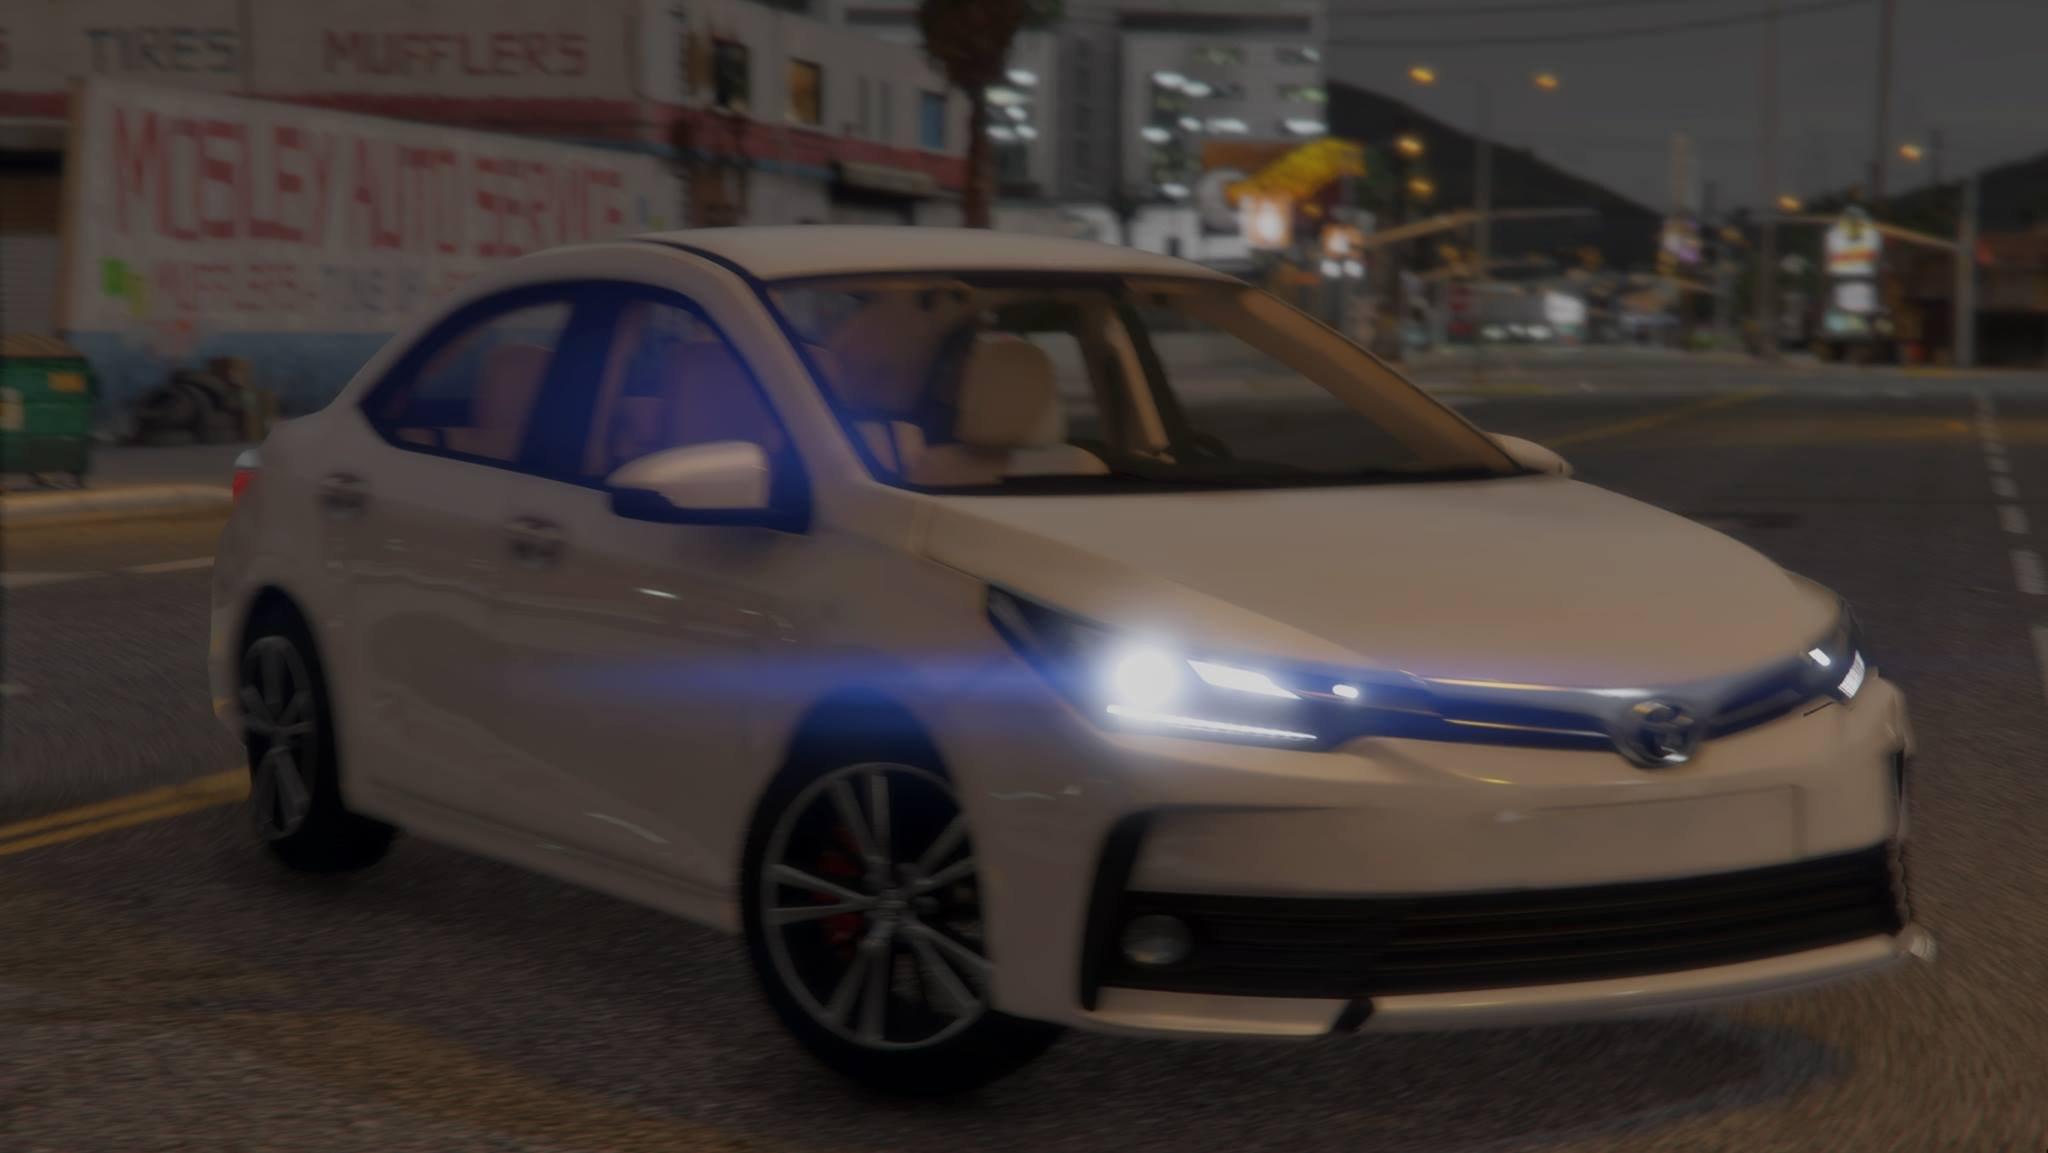 《侠盗猎车手5》2018新款丰田卡罗拉轿车MOD;18款全新丰田卡罗拉迎来全新改款,外观更加犀利,动力也大升级。新一代卡罗拉采用家族的TNGA模组化平台开发而成,得益于TNGA平台的高刚性以及轻量化特性,新车将会拥有比现款更出色的操控表现,而同时车内空间也会有所进步。车身方面,2018款丰田卡罗拉侧面采用上扬式线条十分流畅,使得车身充满运动感,新车灯组采用了全LED光源。搭载1.